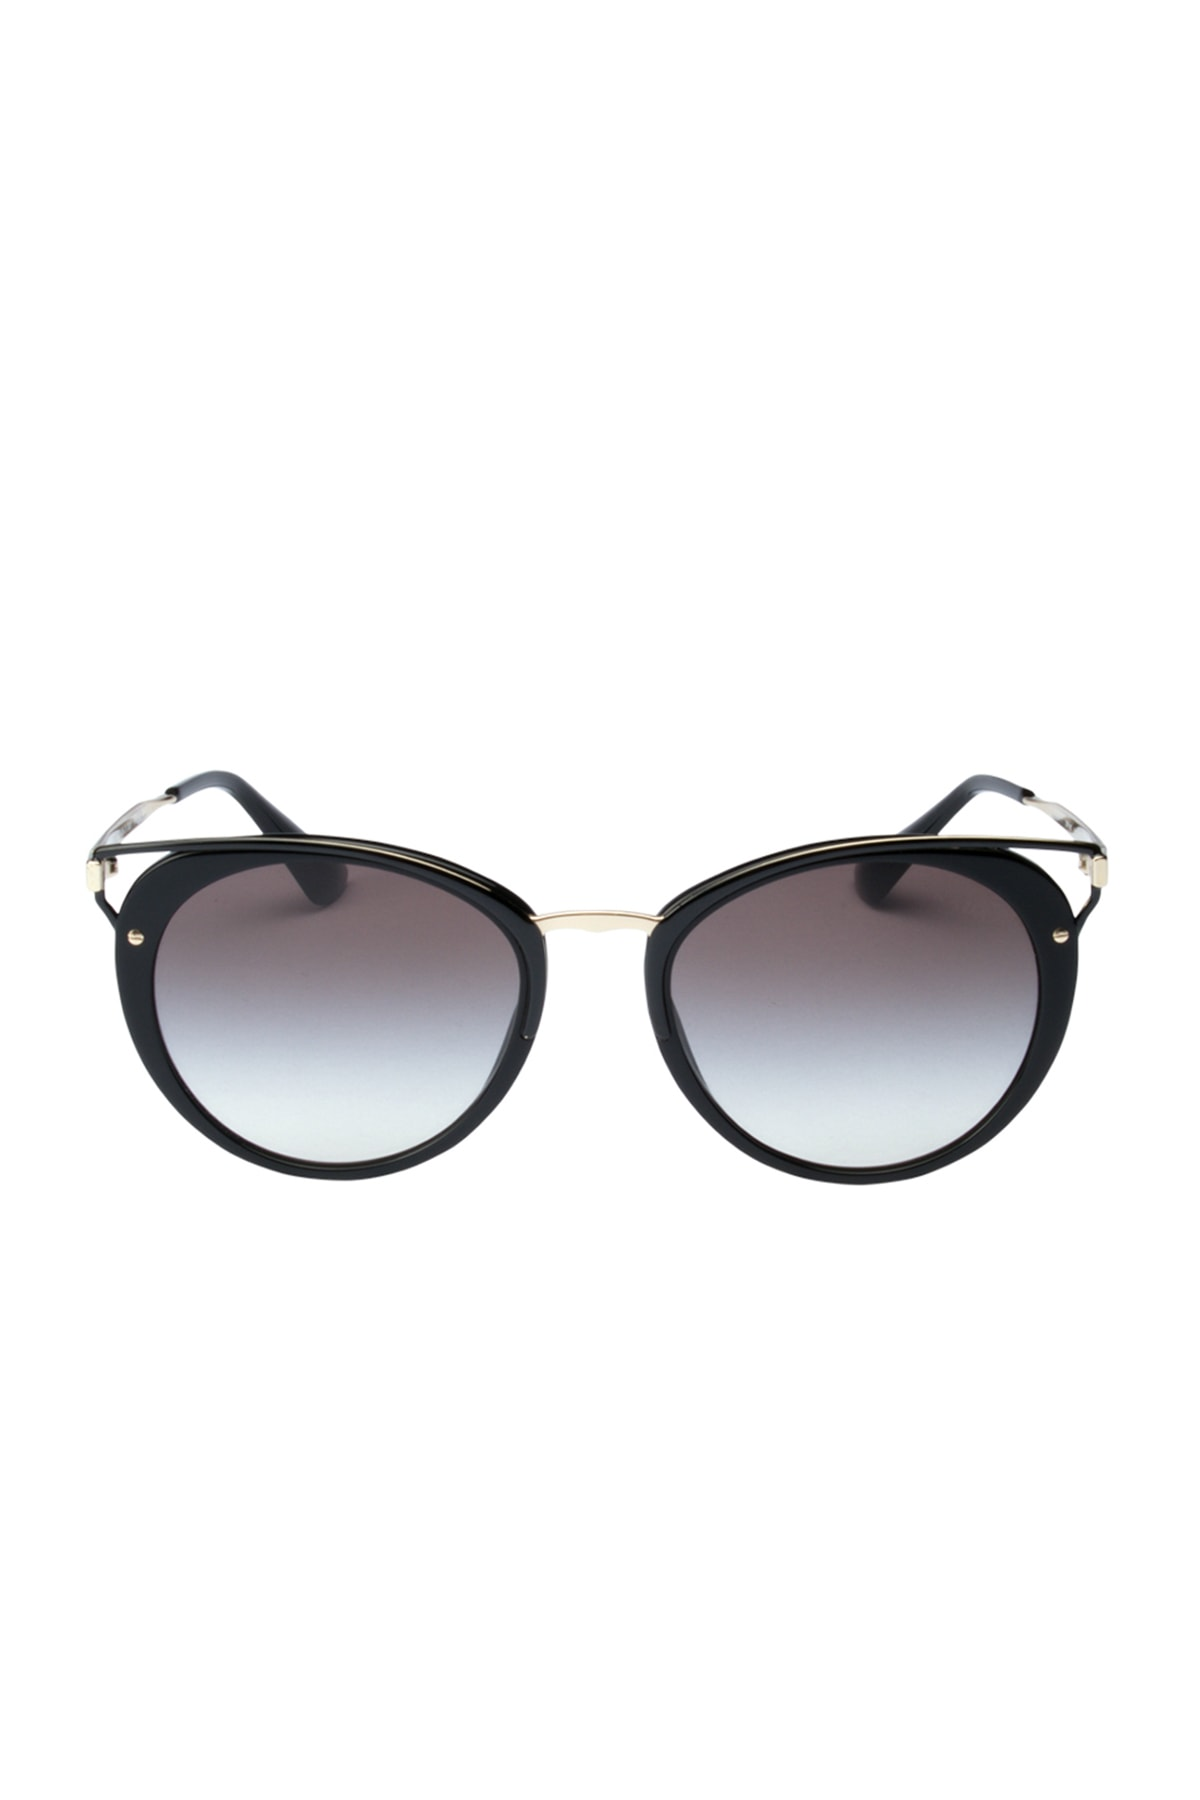 خرید اینترنتی عینک آفتابی زنانه از استانبول برند Prada کد ty3227065